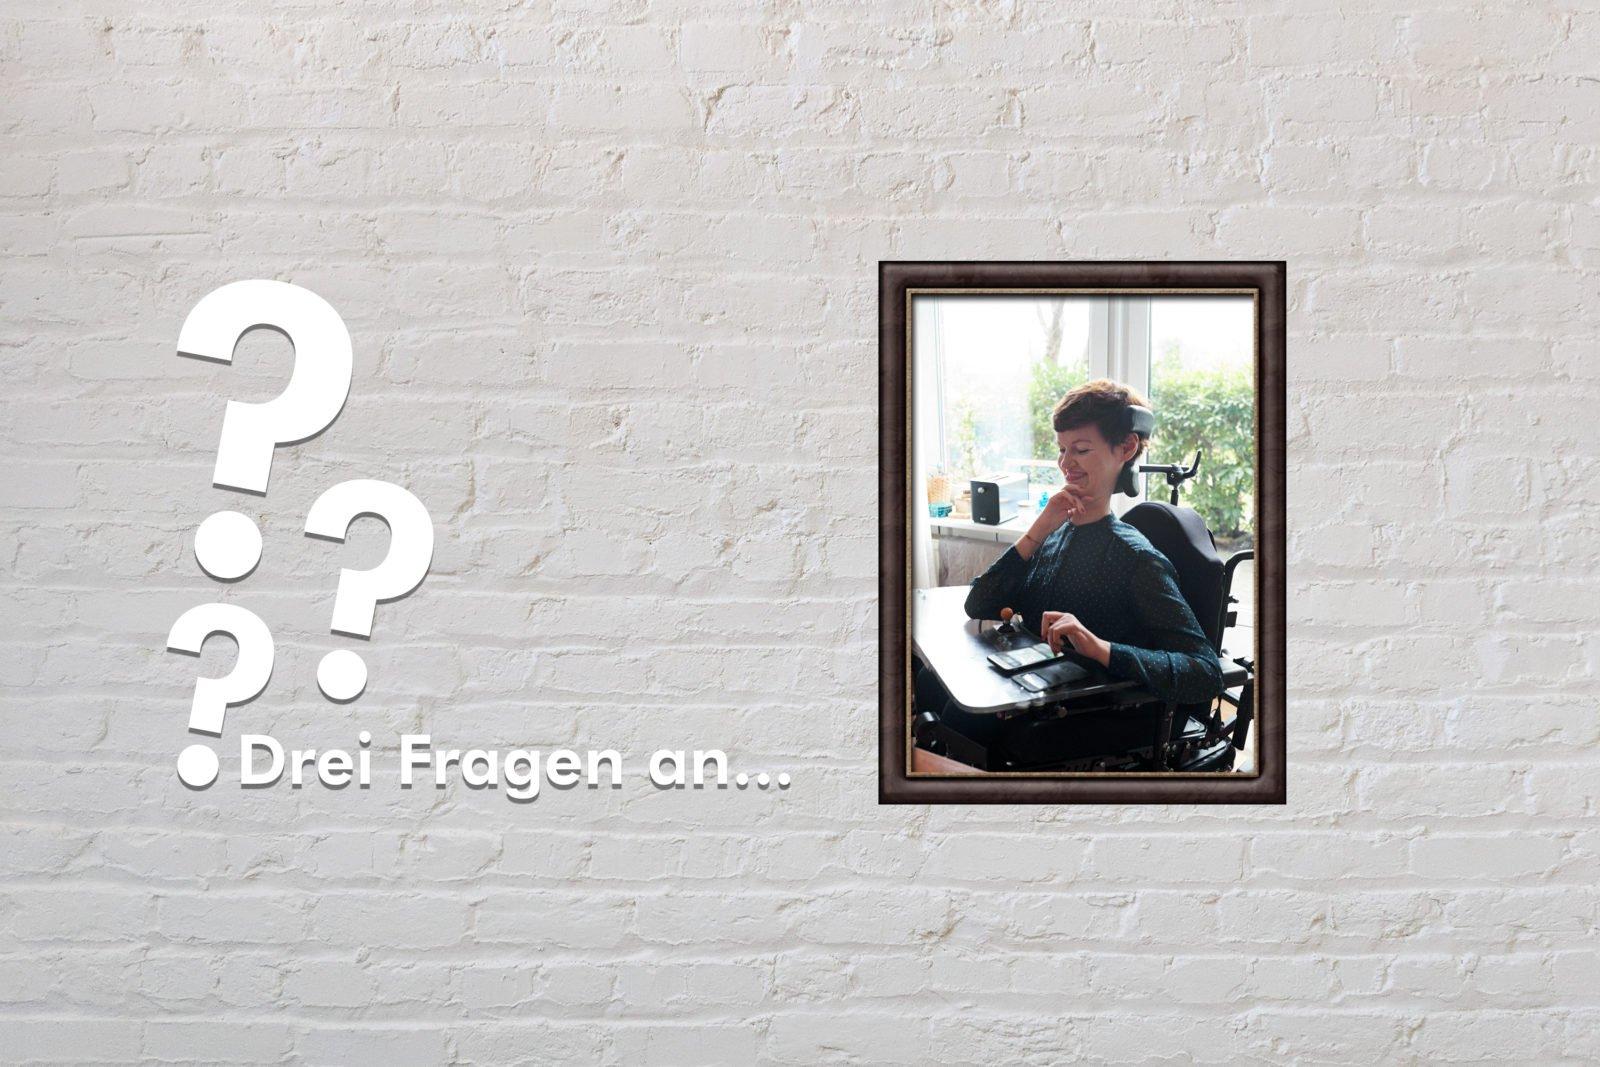 Fotomontage: Eine weiße Steinwand - darauf ein Rahmen, in den ein Bild von Anastasia Umrik montiert ist, daneben der Schriftzug Drei Fragen an... und drei Fragezeichen.